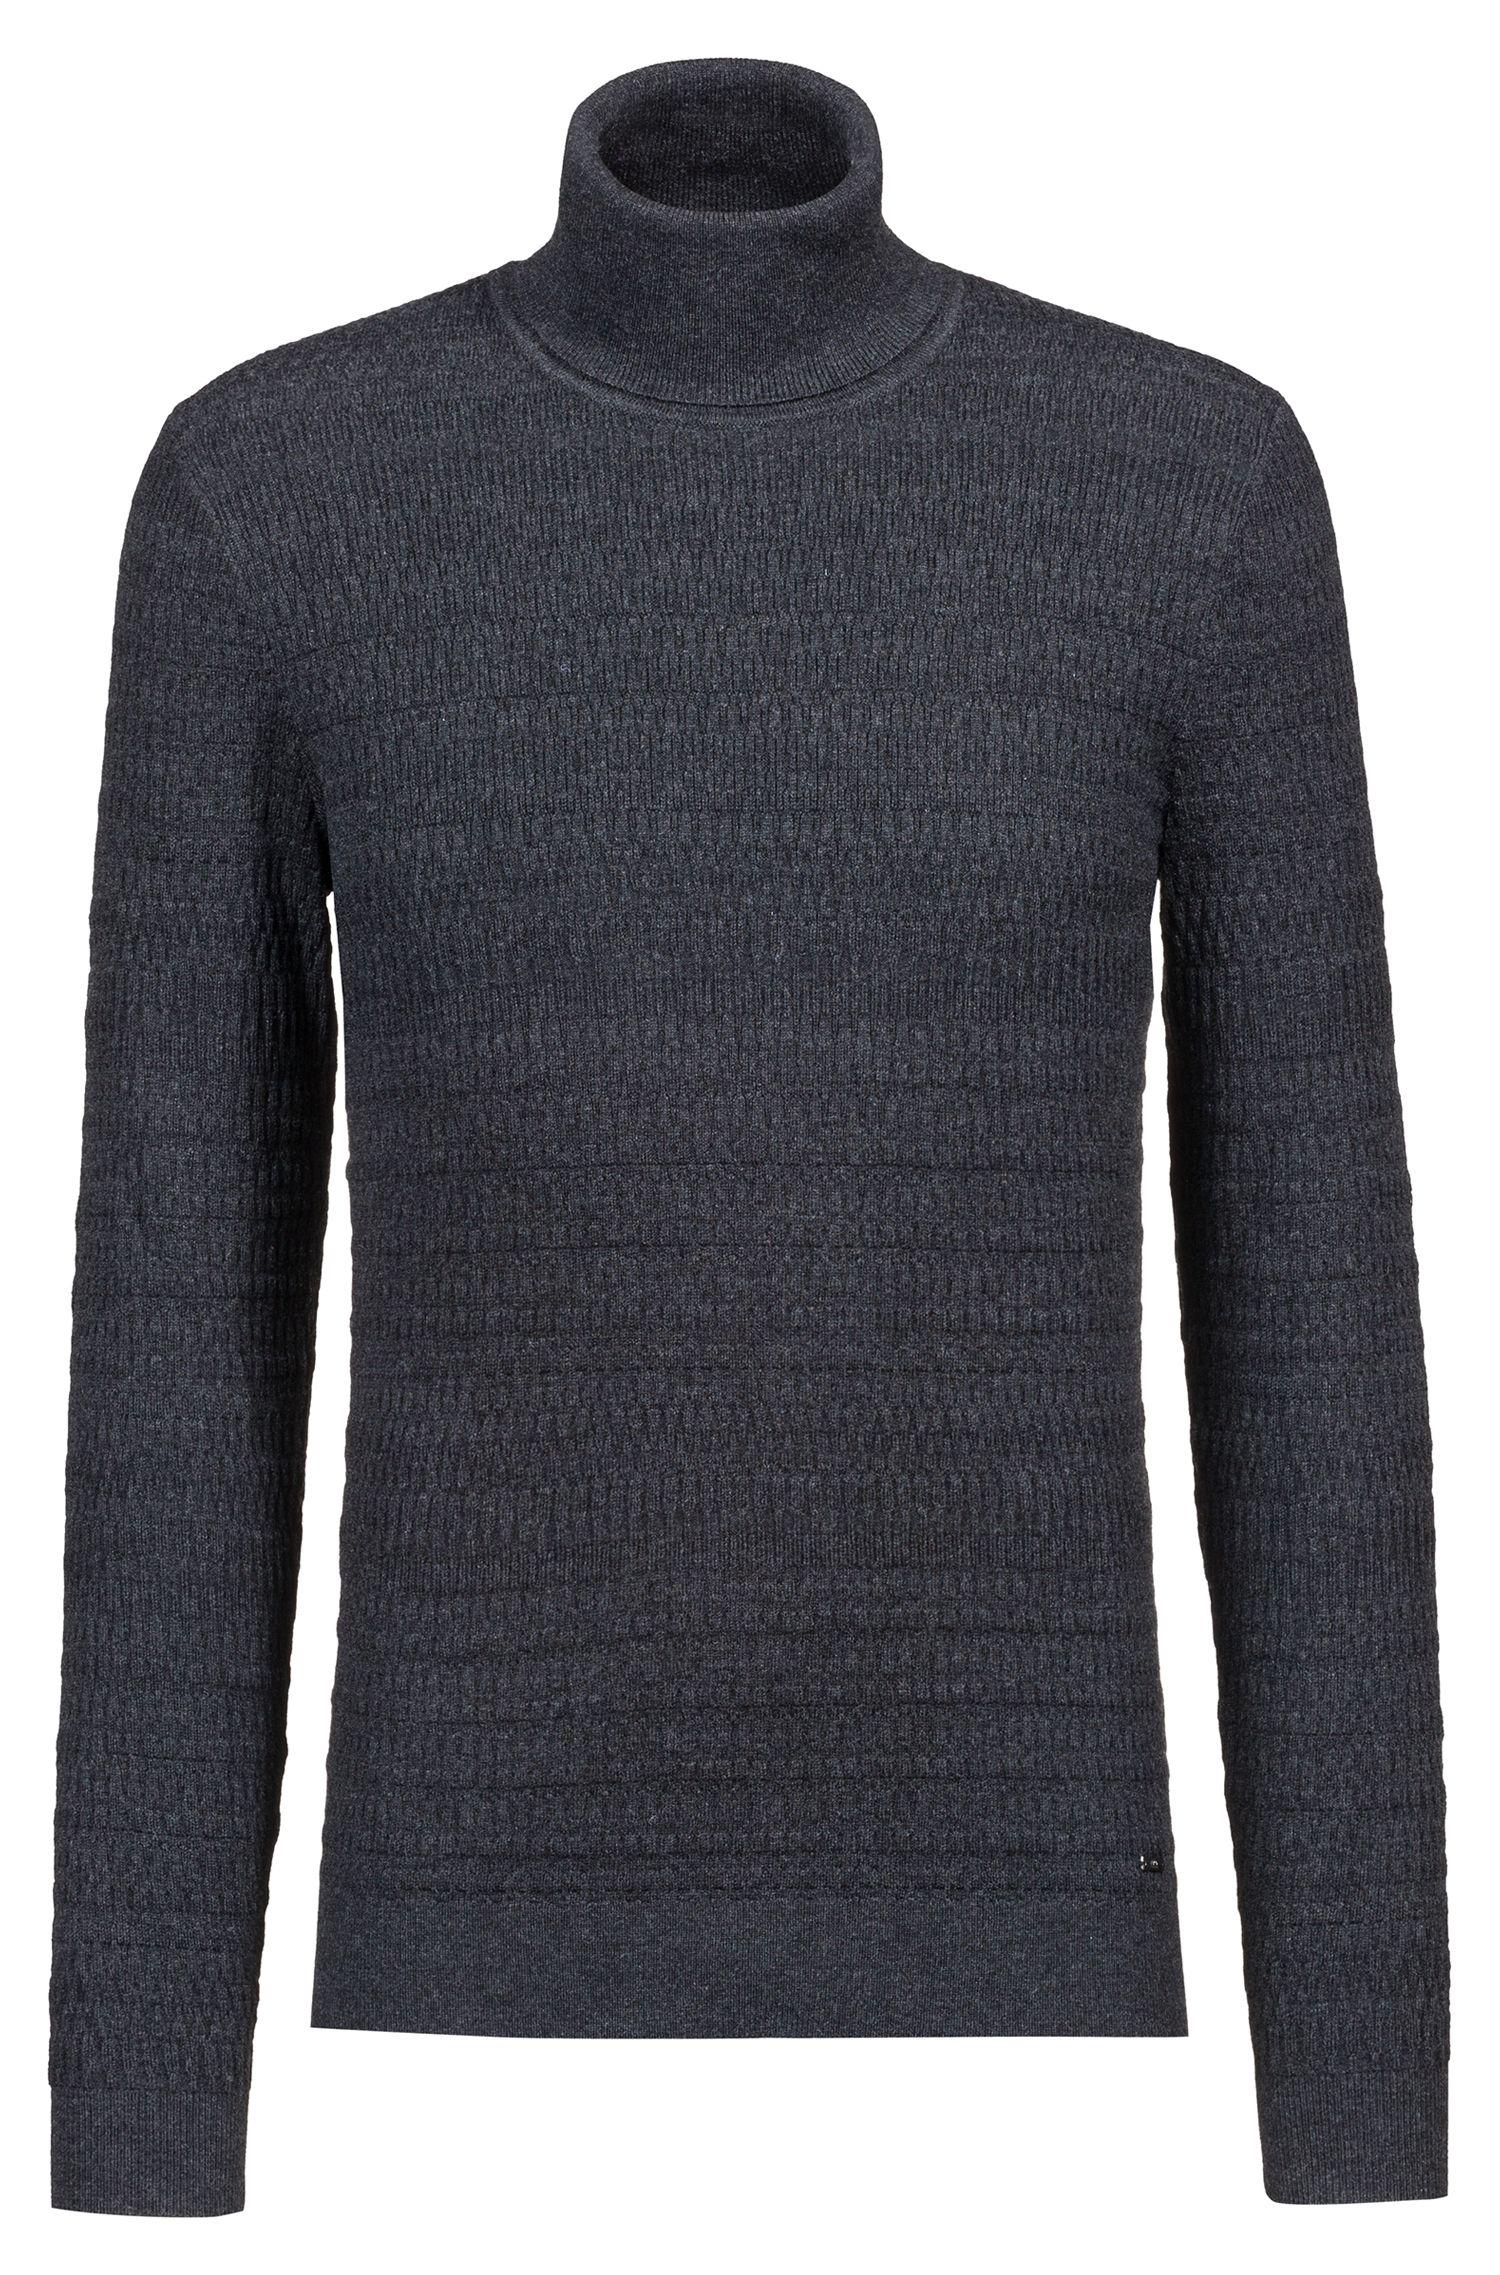 Maglione extra slim fit con colletto a tartaruga in misto cotone e lana, Grigio antracite